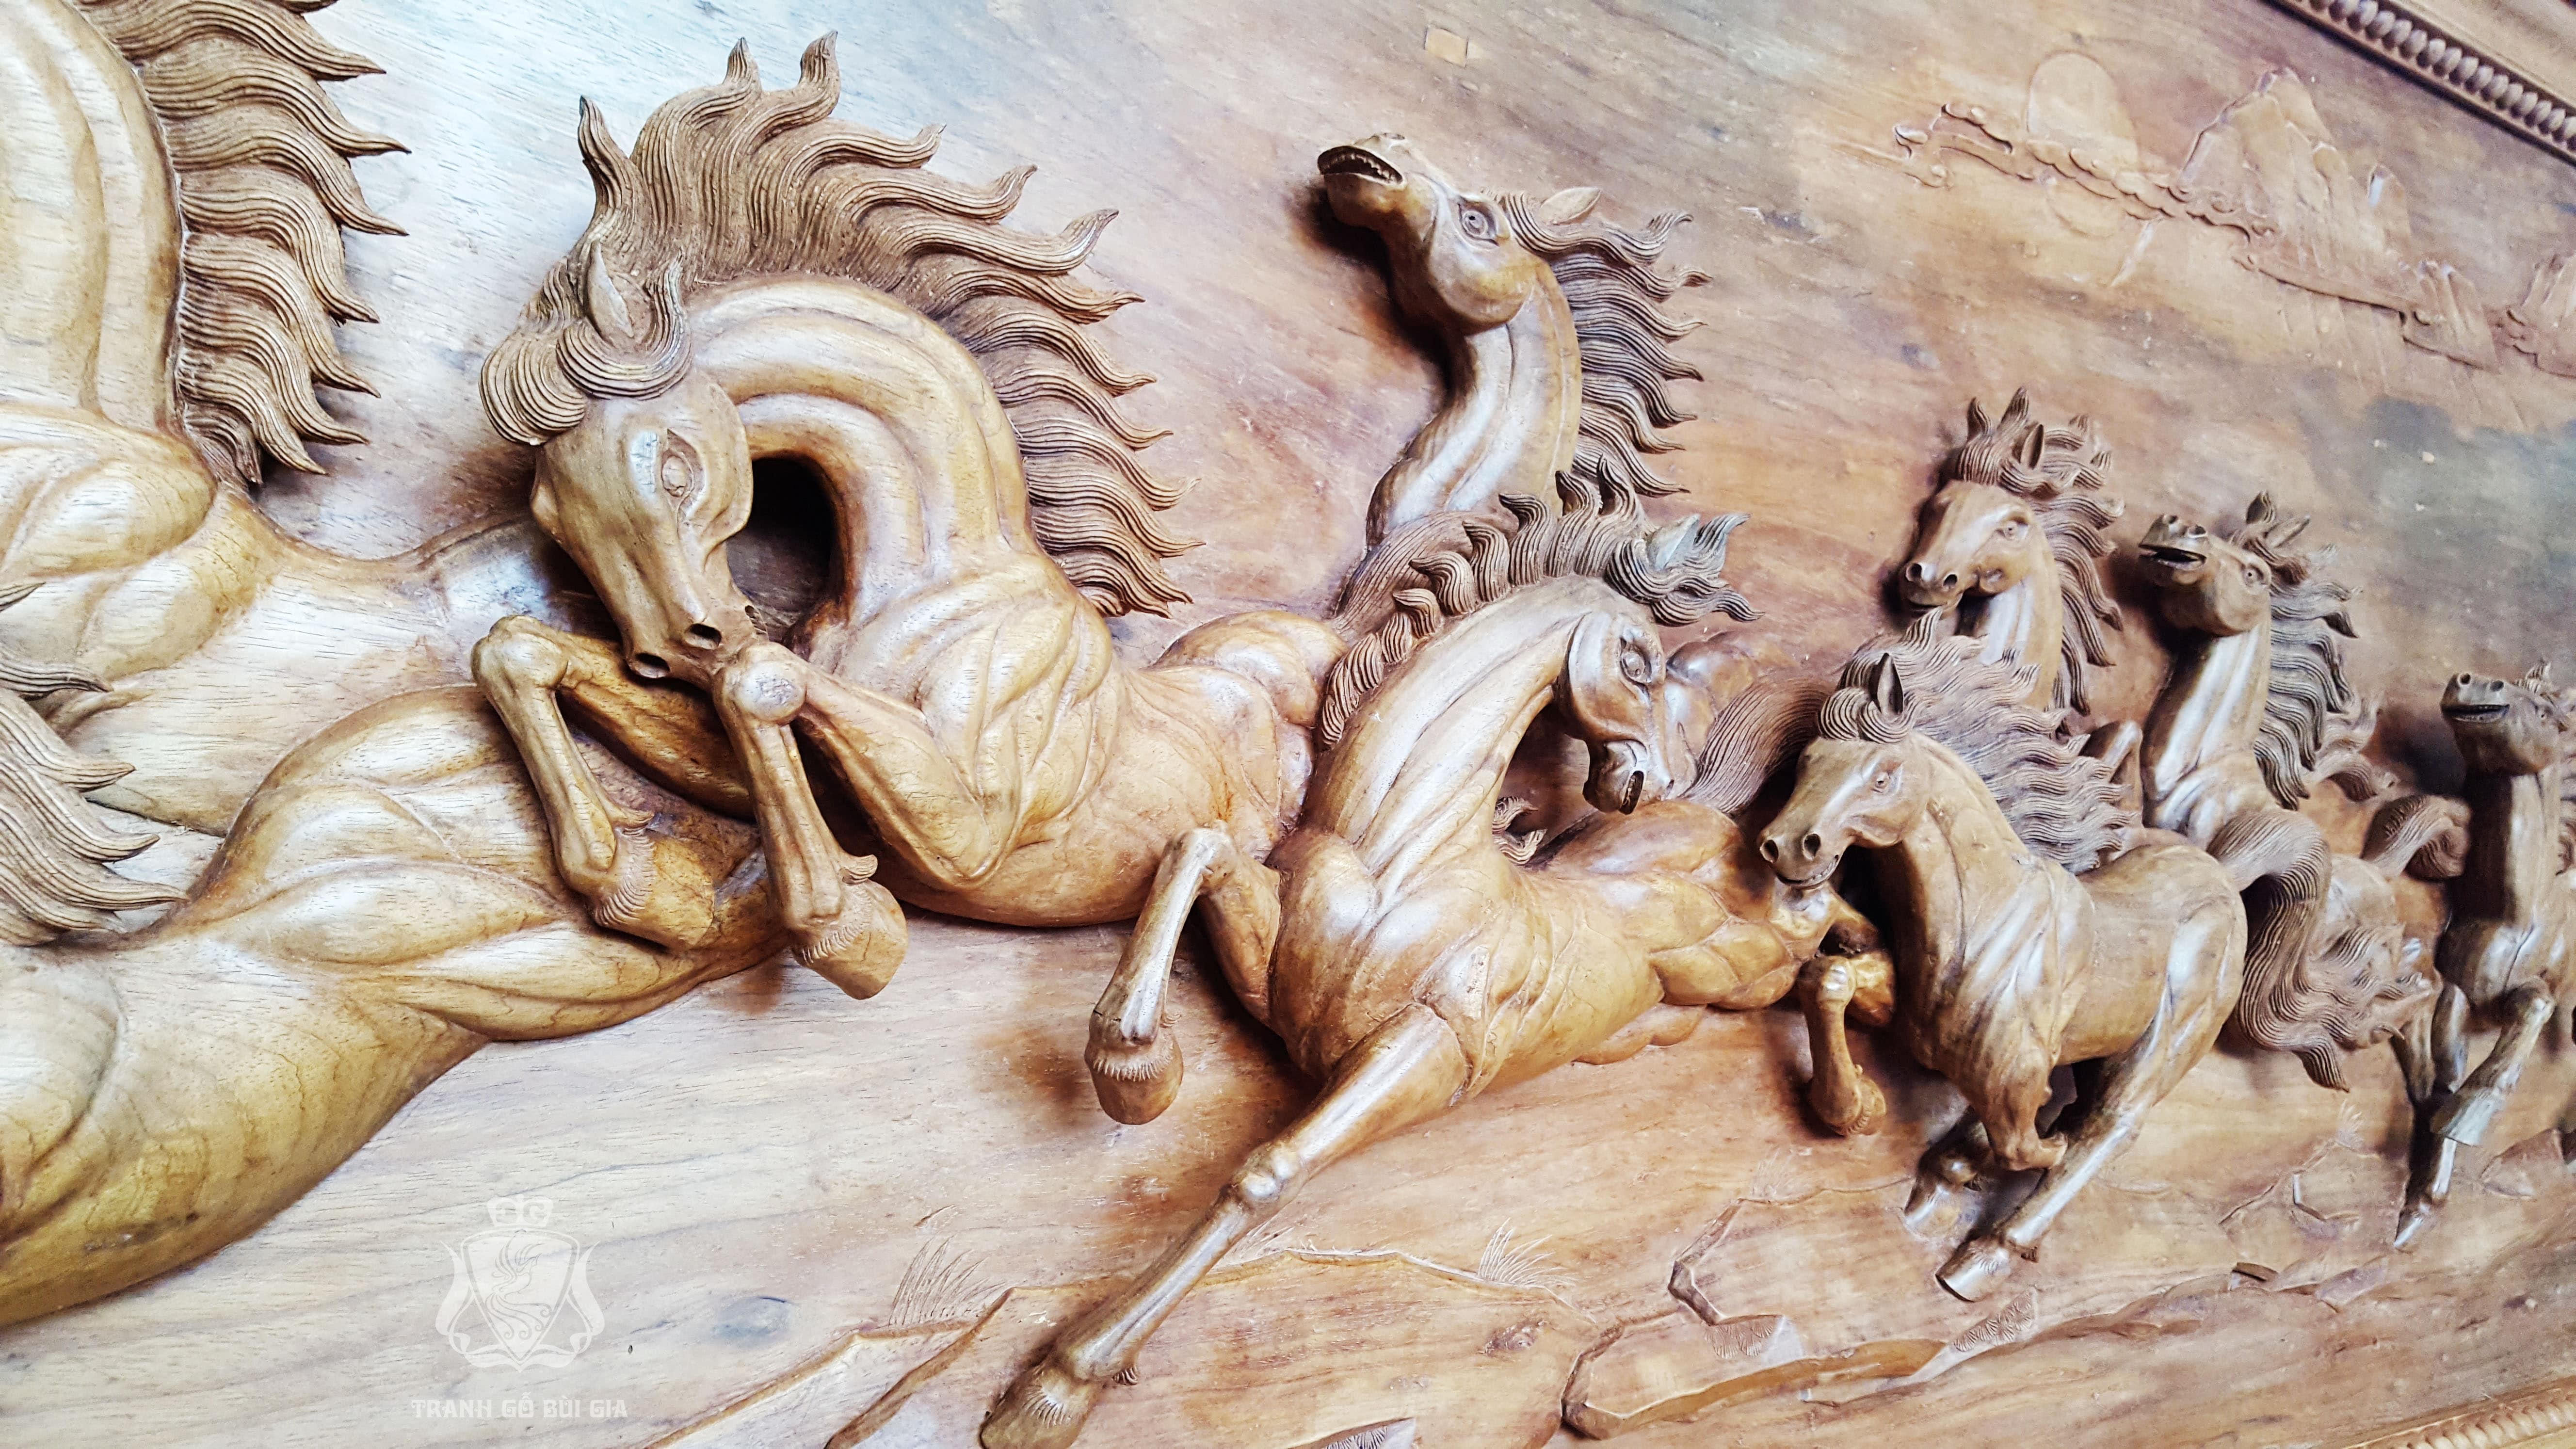 Tranh gỗ Bát Mã Đục Tay Tinh Xảo